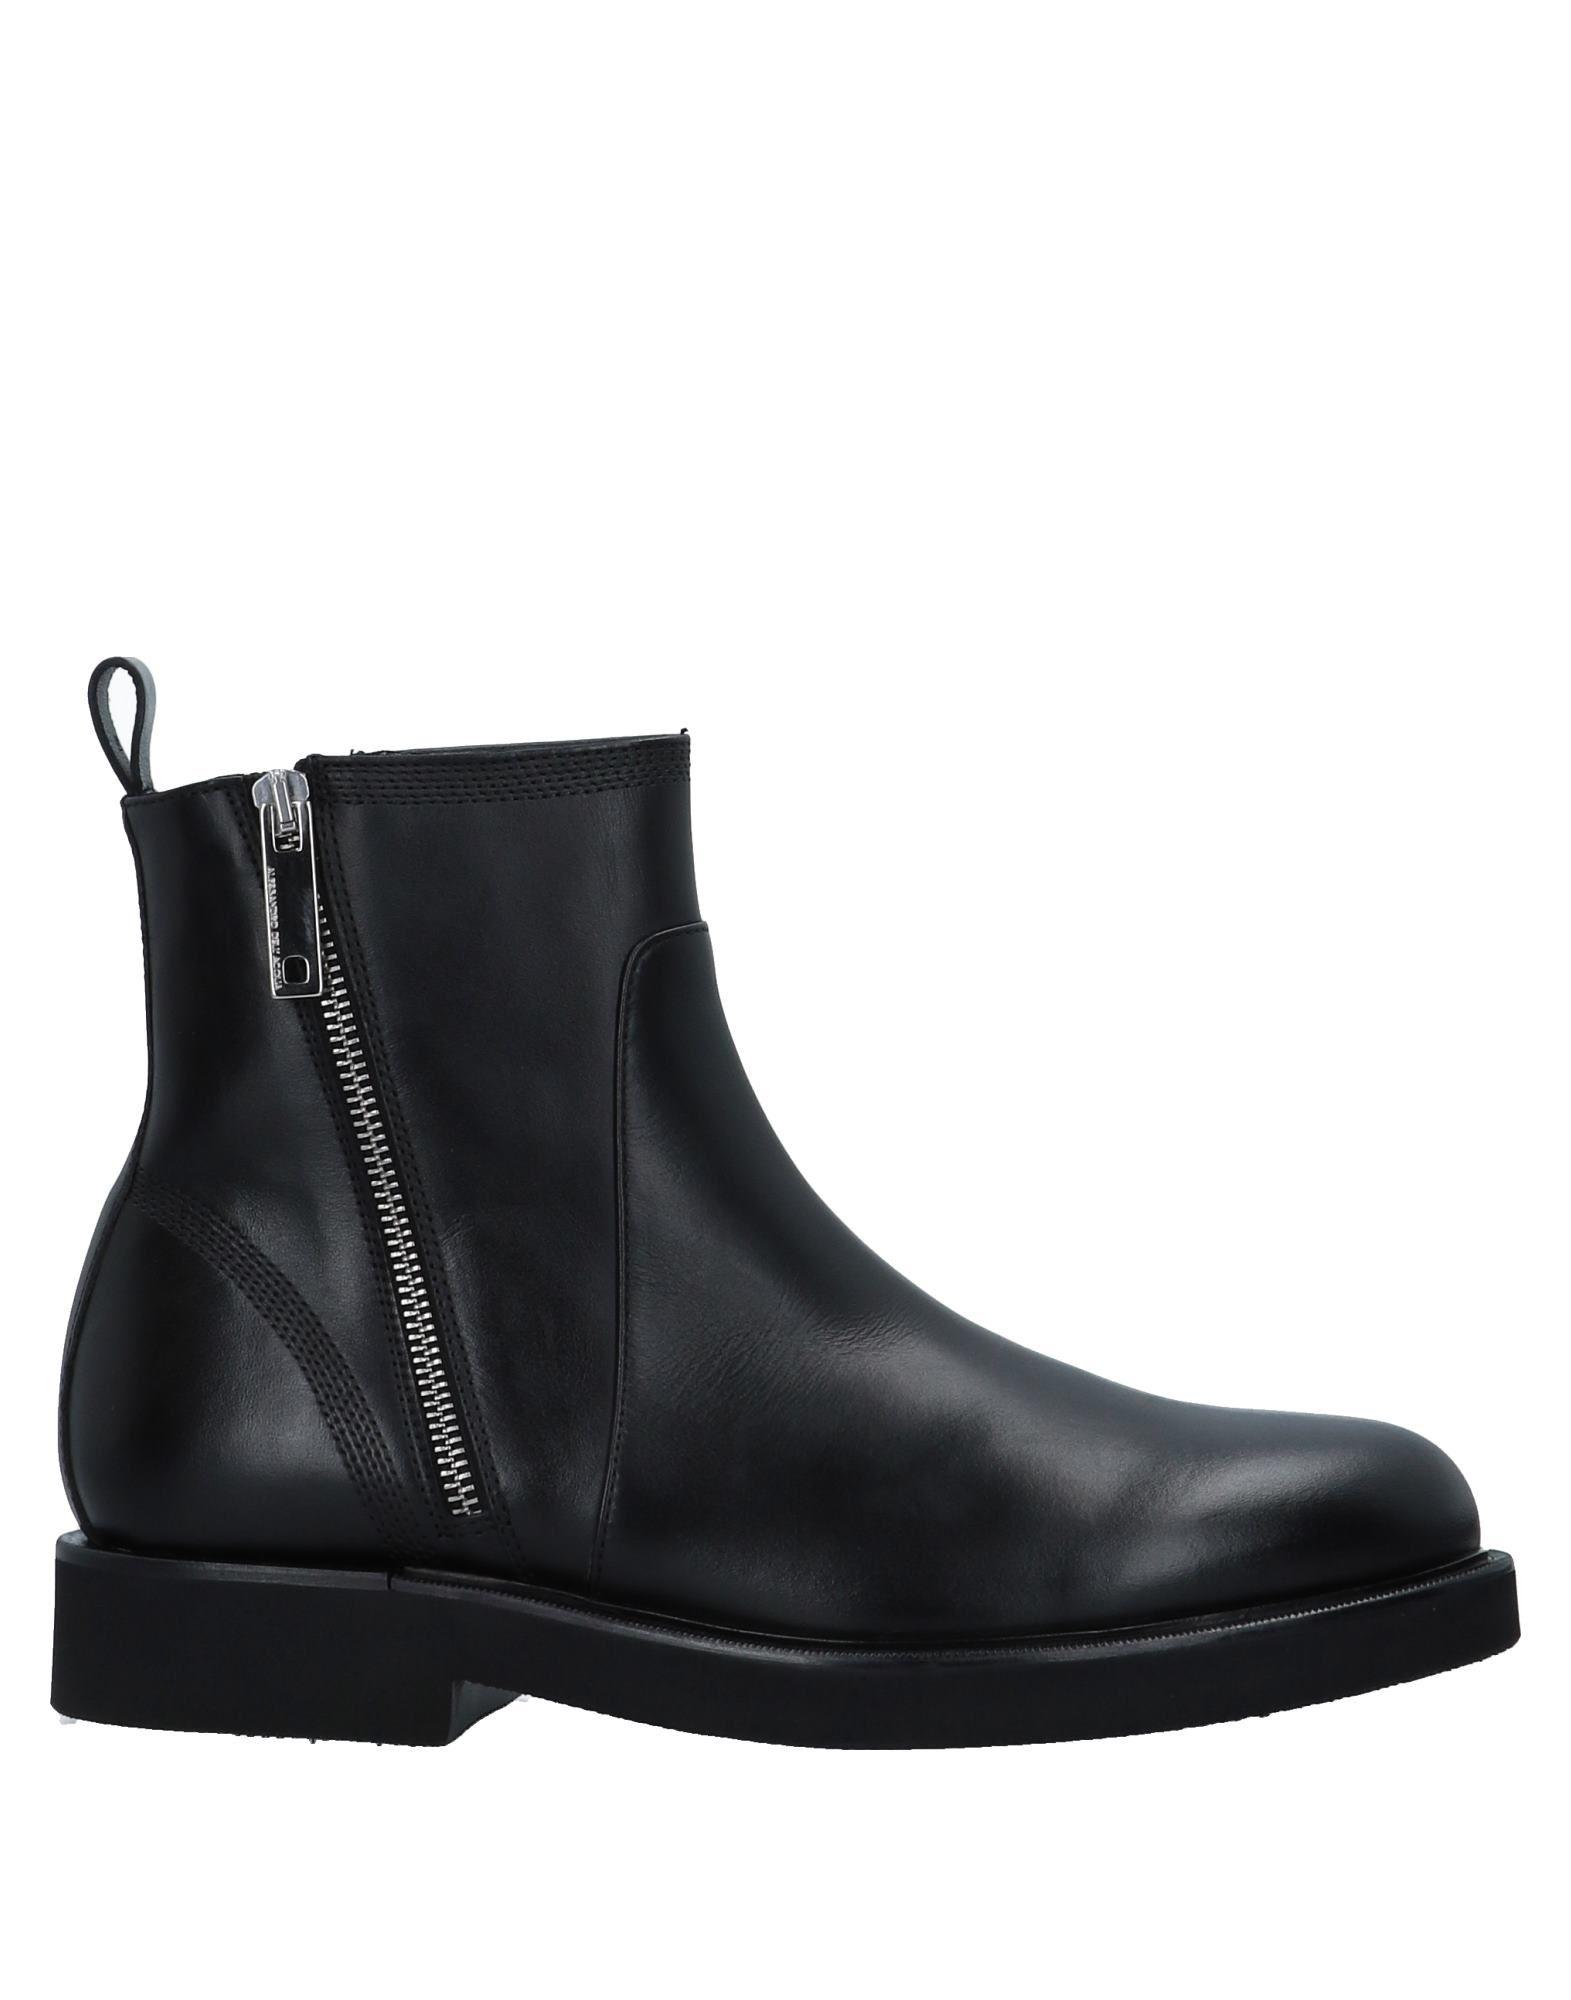 Alessandro Dell'acqua Boots Boots - Men Alessandro Dell'acqua Boots Boots online on  Australia - 11534920OB e8f6b8